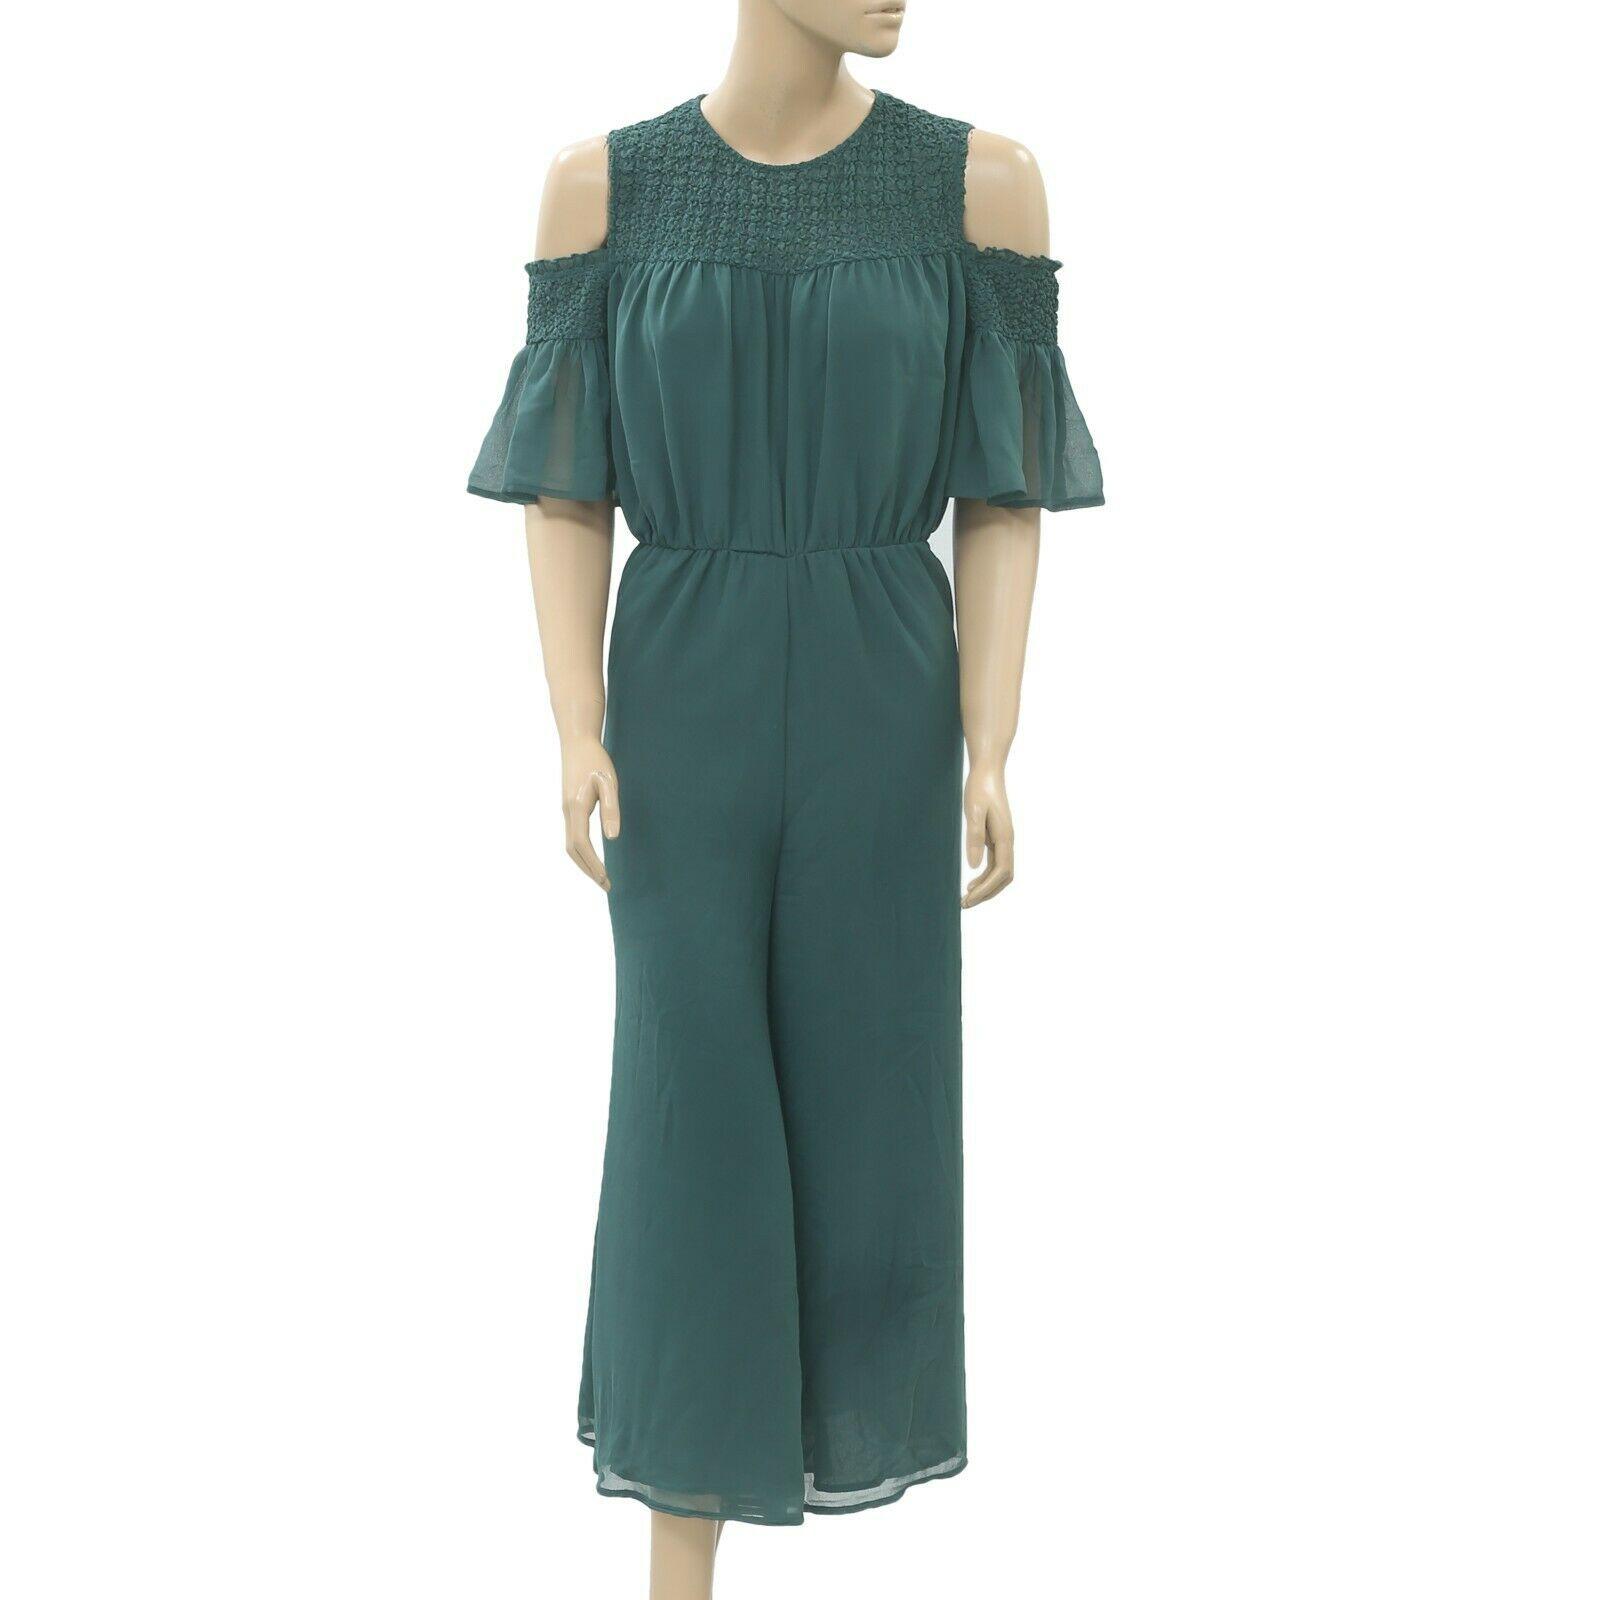 10 Genial Abend Dress Zara Spezialgebiet17 Erstaunlich Abend Dress Zara Stylish